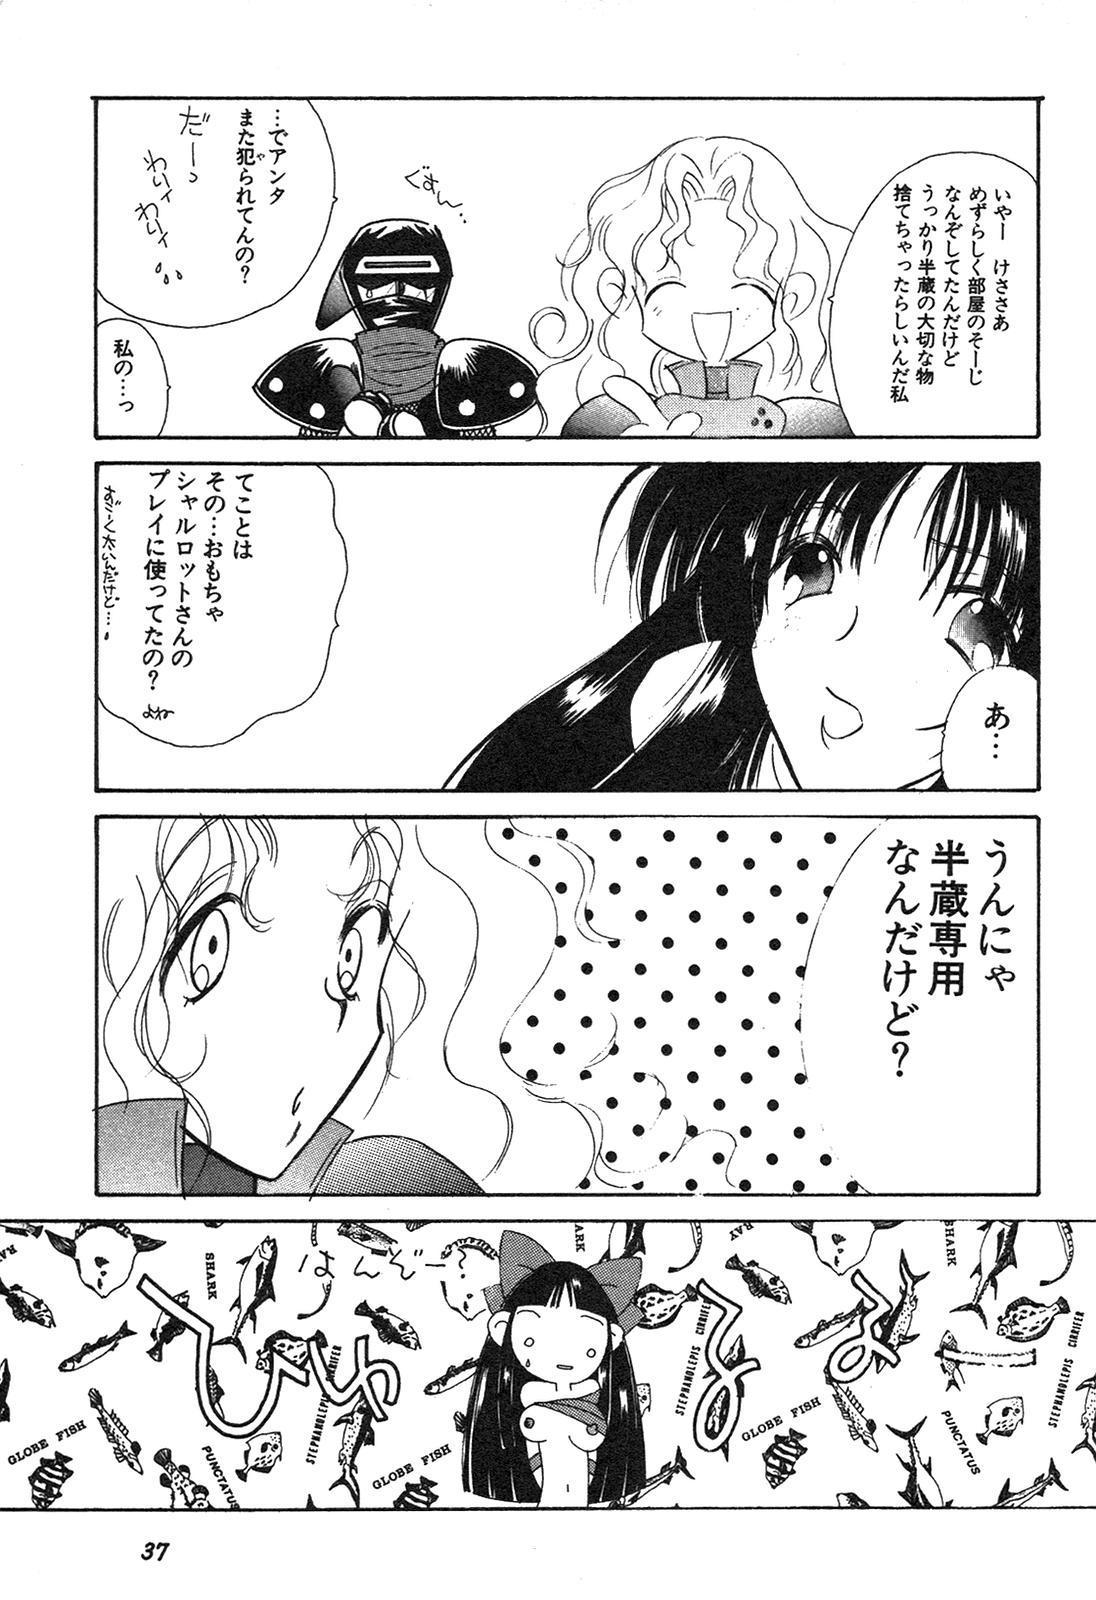 Shin Bishoujo Shoukougun 3 Yamato hen 37